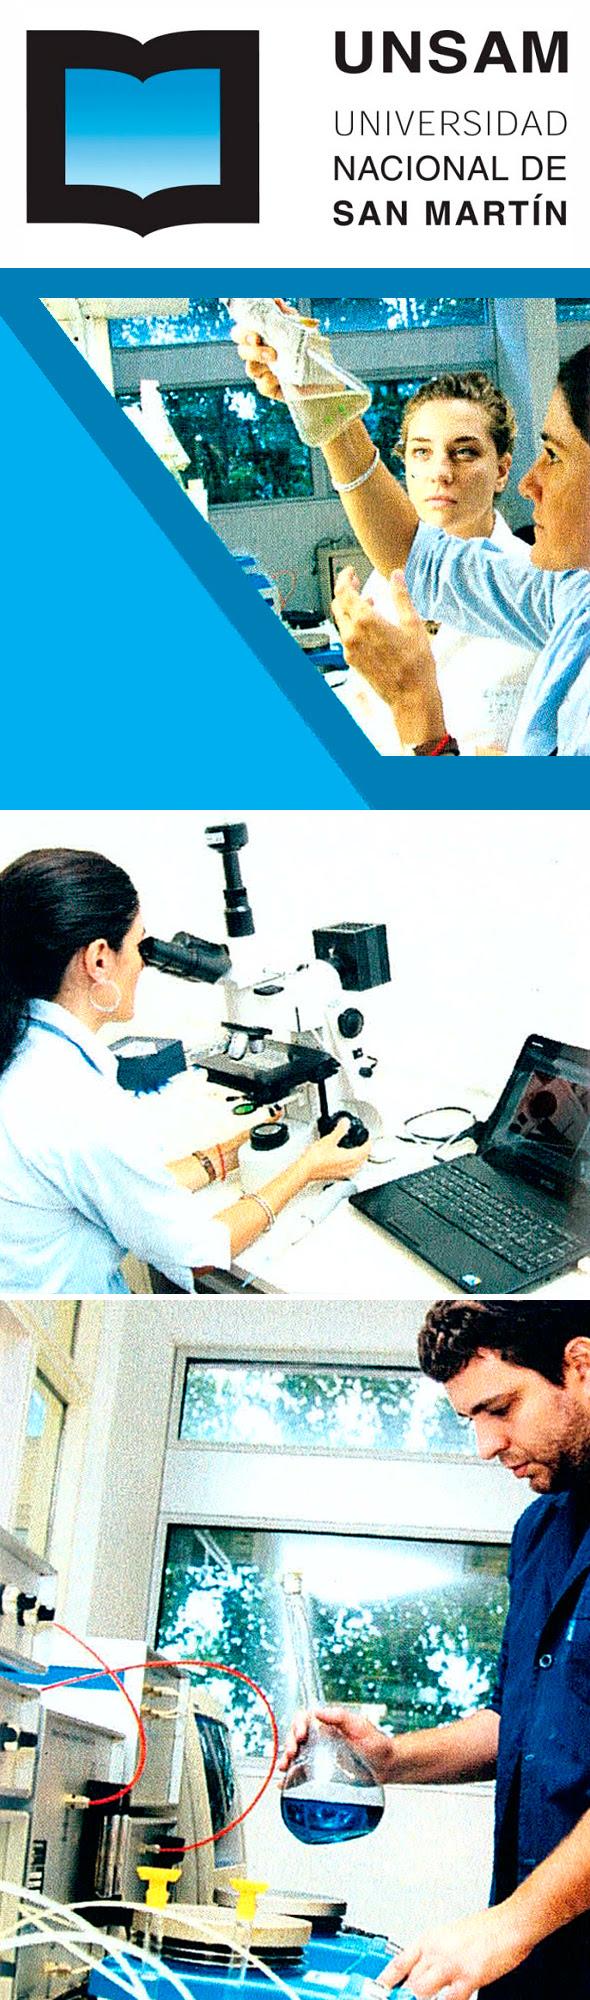 Aaqct Caracterización Físico-Química Y Tratamiento De Efluentes Líquidos De La Industria Textil - Productos Químicos Textiles